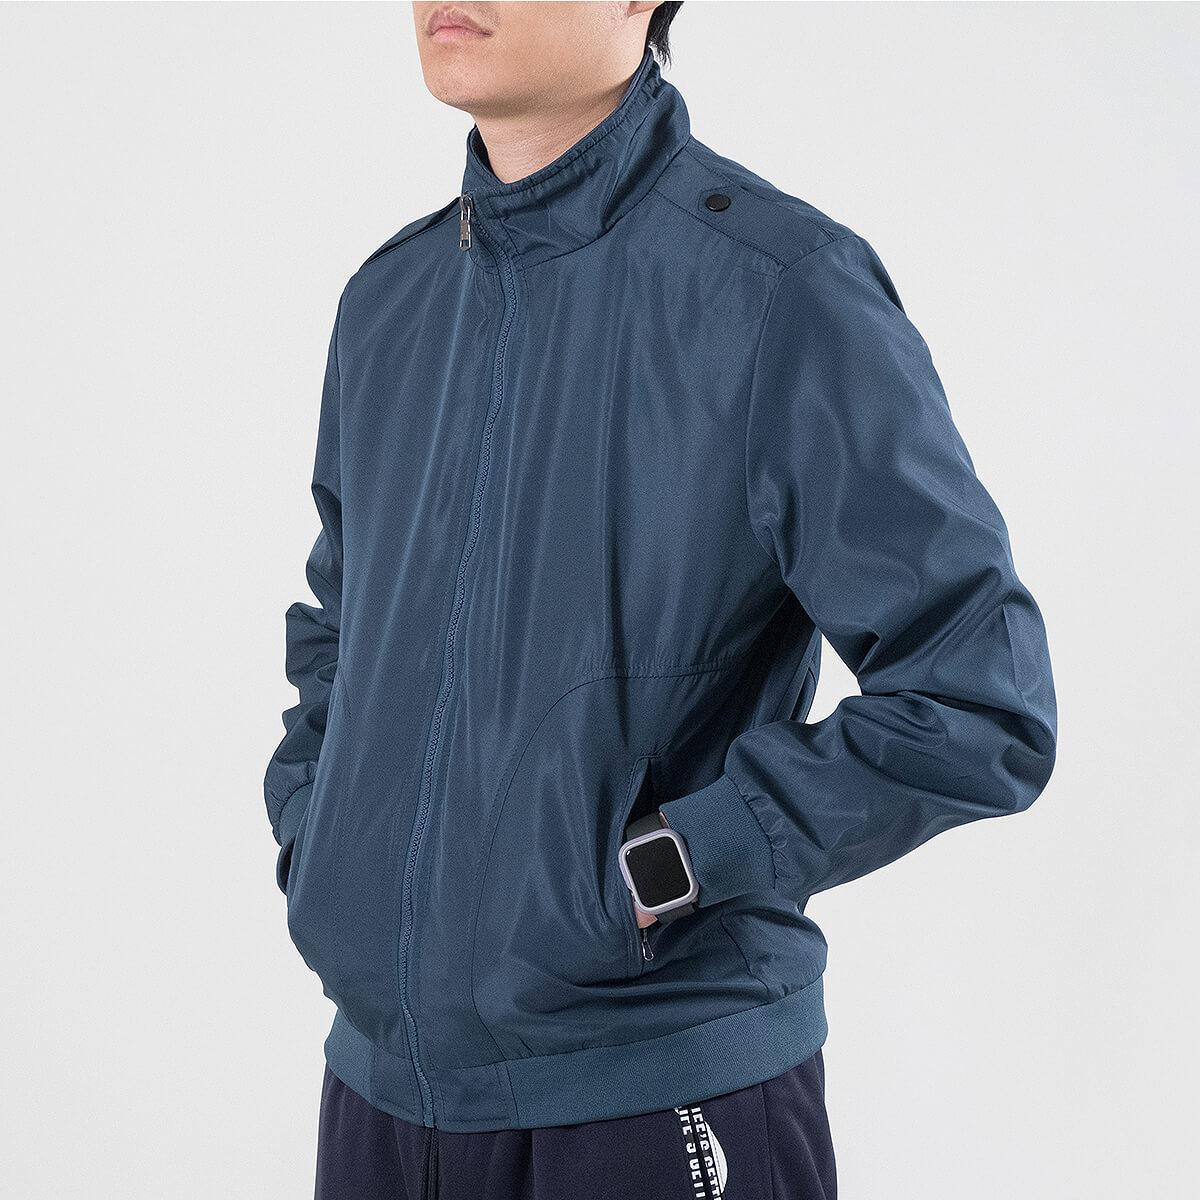 軍裝外套 修身夾克外套 立領素面外套 鈕扣肩章外套 格紋內裡薄外套 防風外套 潮流時尚休閒外套 風衣外套 黑色外套 Military Jacket Men's Jackets Windproof Jackets Button-up Epaulets (321-8025-01)咖啡色、(321-8025-02)藍綠色(321-8025-04)黑色  L XL 2L 3L 4L (胸圍109~124公分  43~49英吋) 男 [實體店面保障] sun-e 6